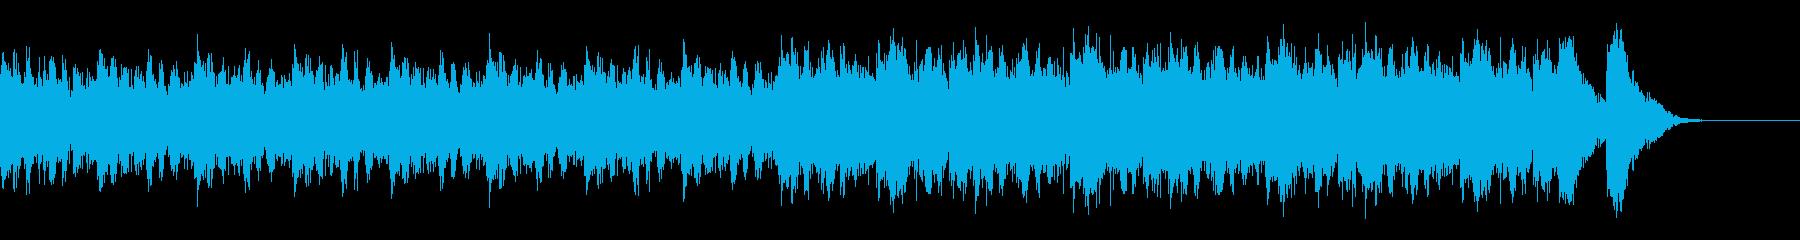 緊迫感 オーケストラ2の再生済みの波形